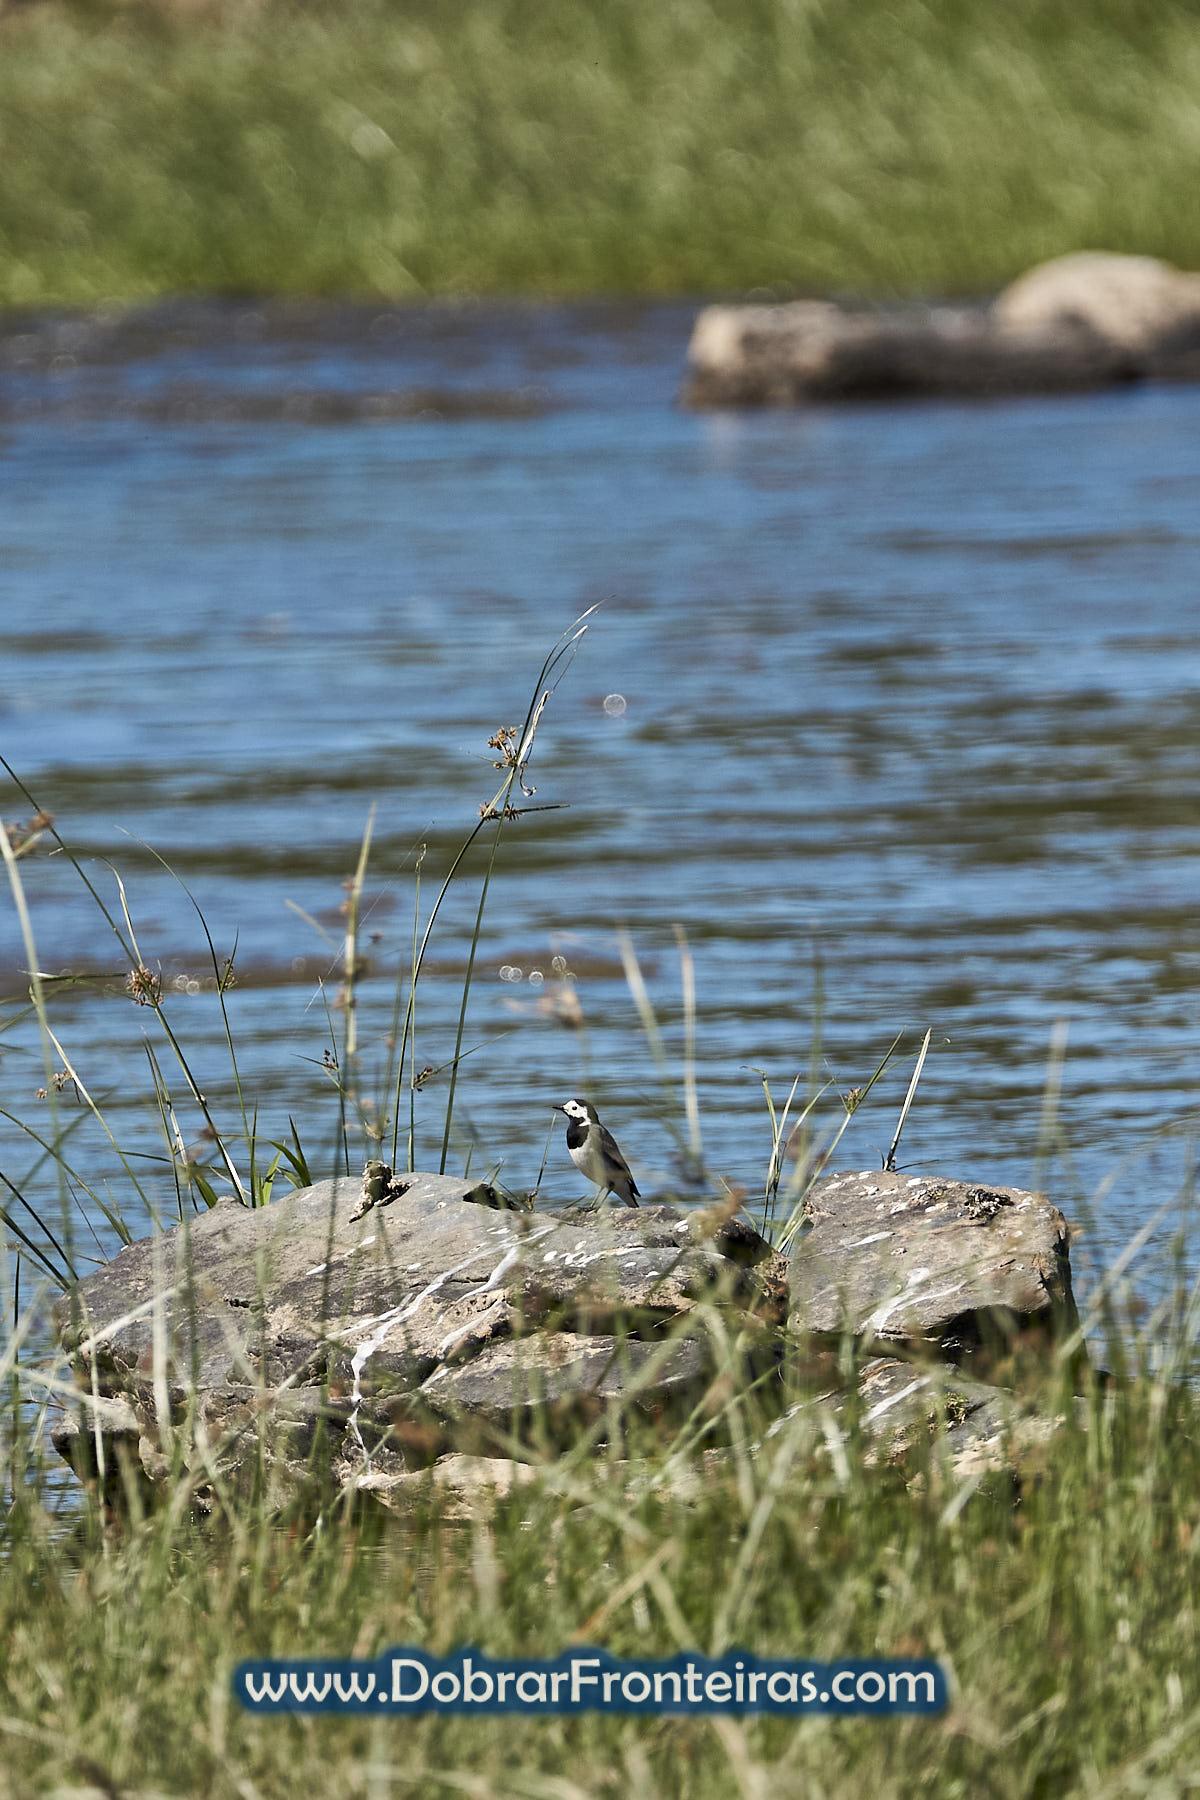 pássaro nas margens do rio Tua